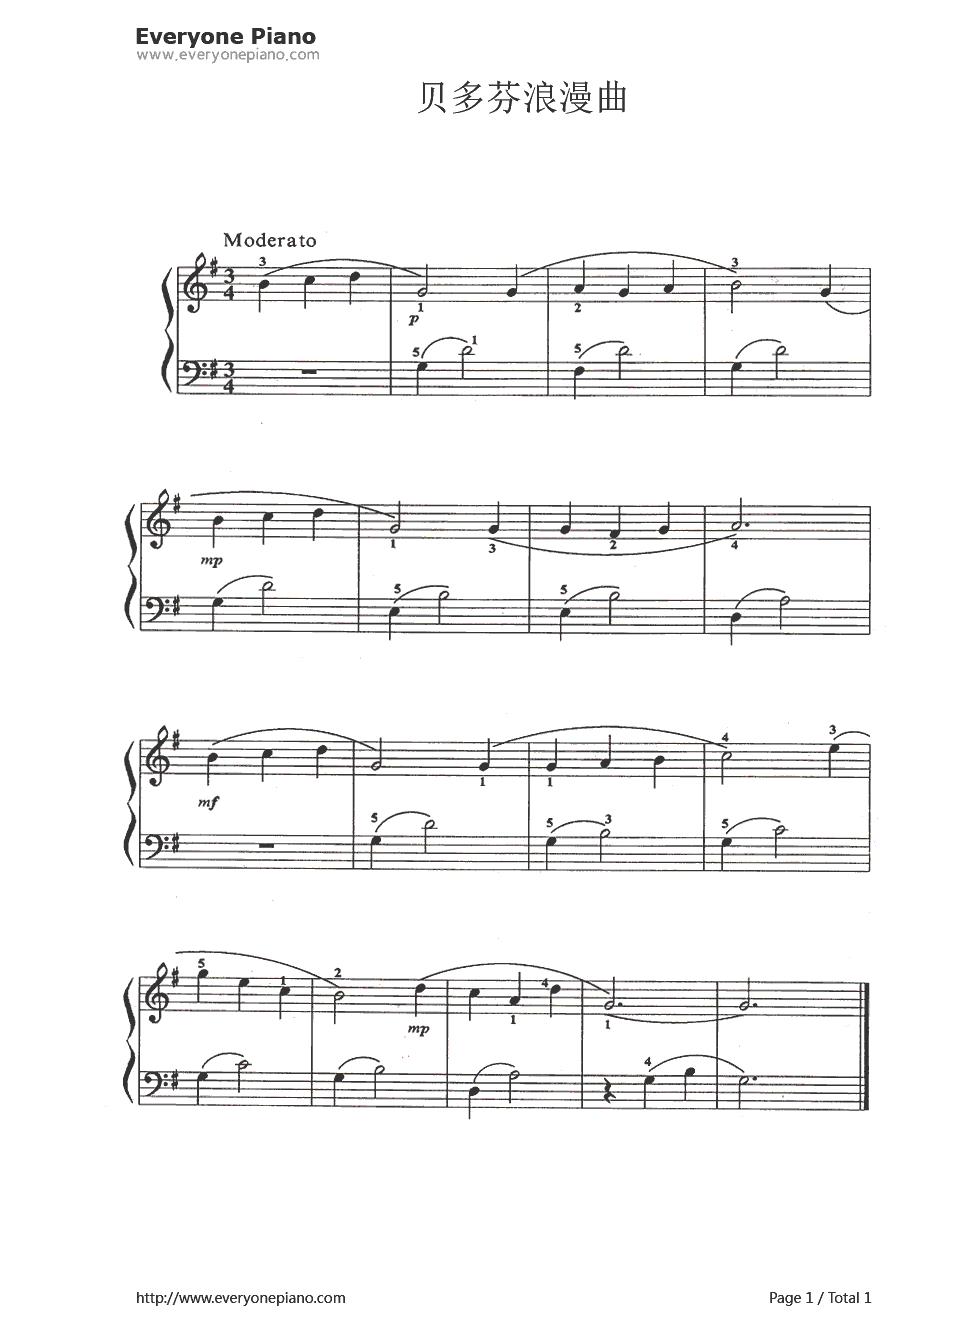 钢琴曲谱 轻音乐 贝多芬浪漫曲(romance) 贝多芬浪漫曲(romance)